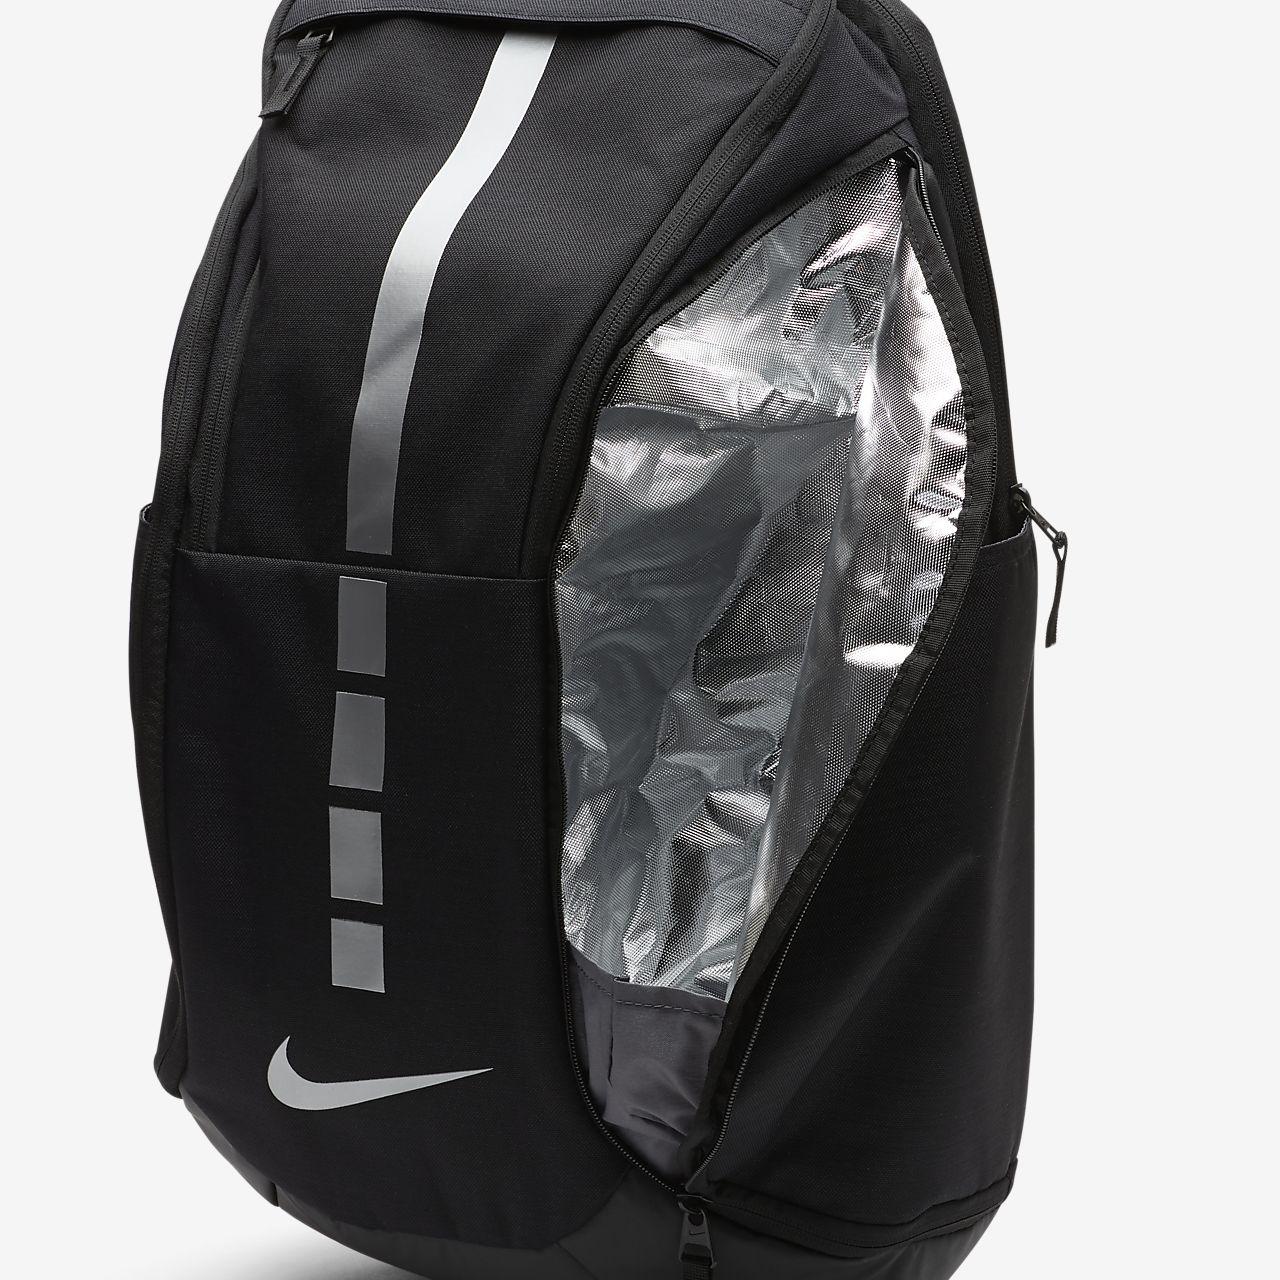 Sac Nike Hoops Elite Pro blackblackmtlc cool grey